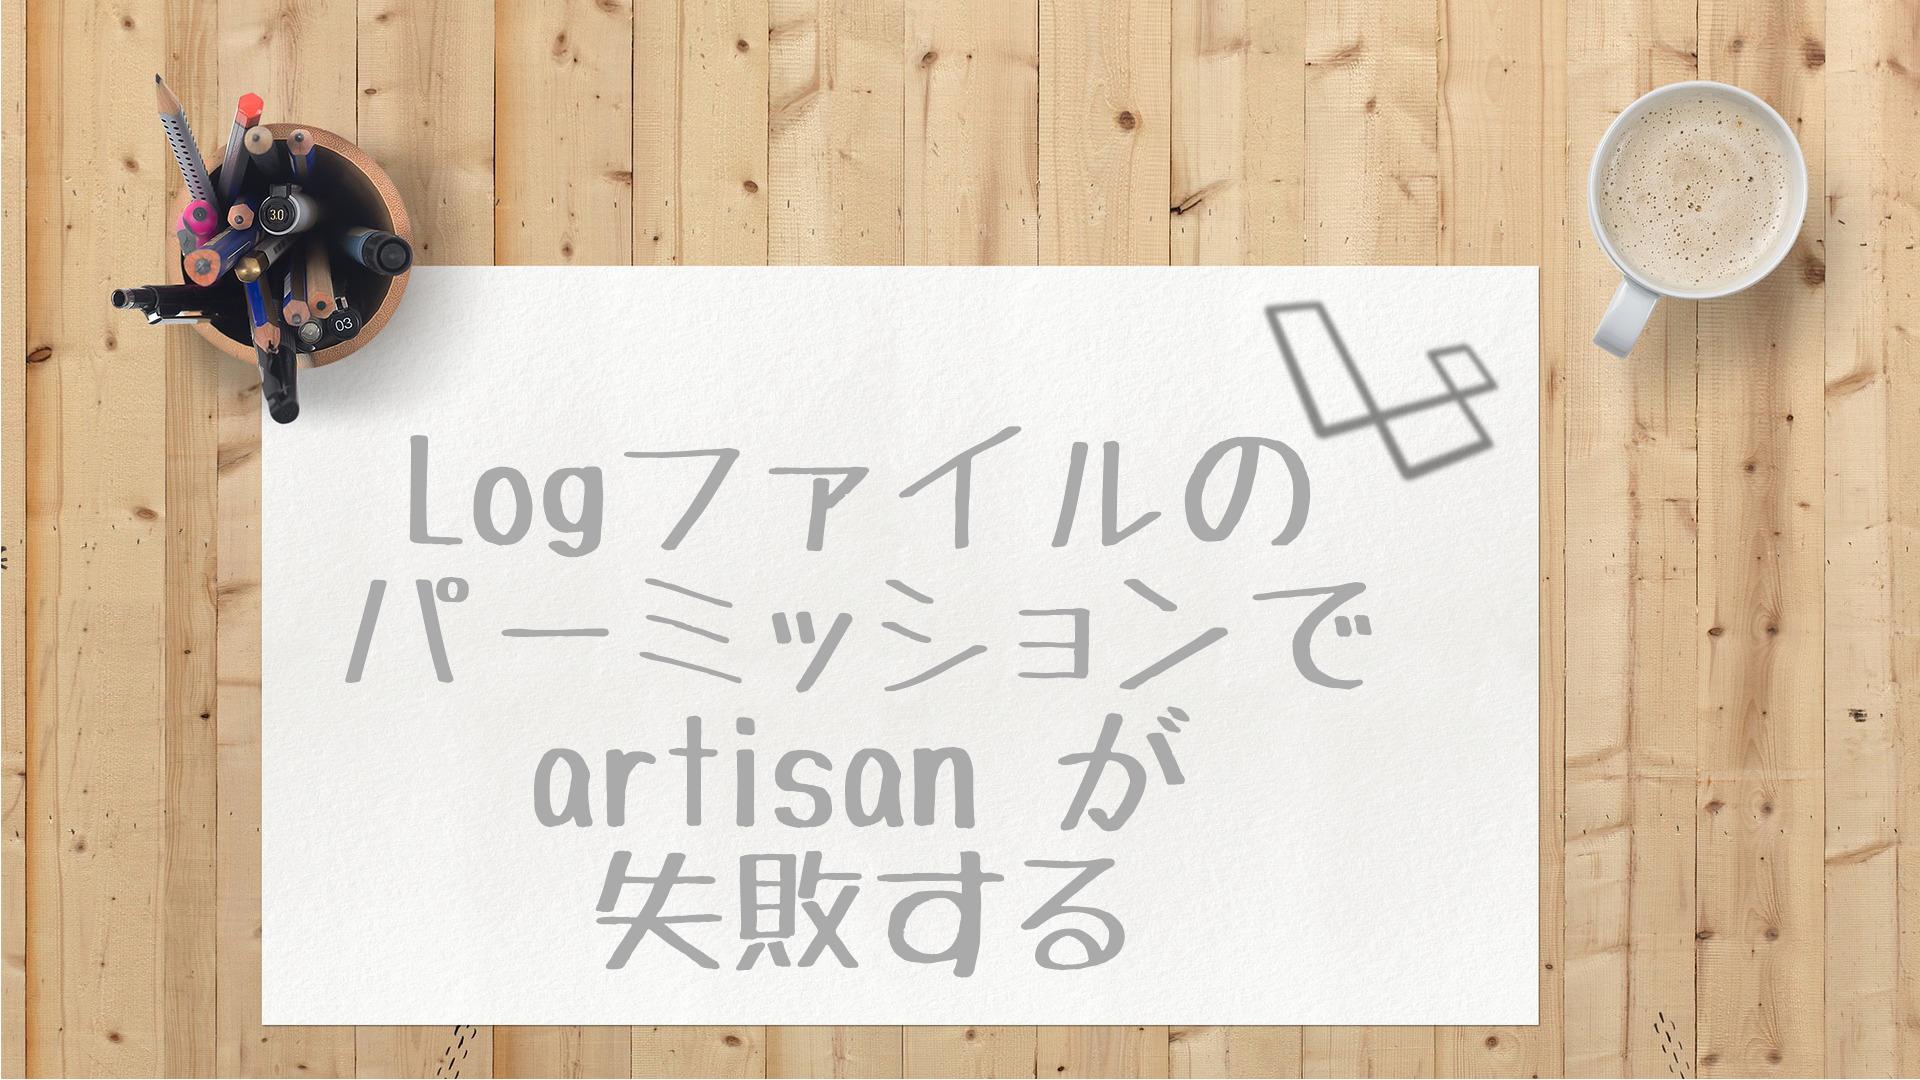 Laravel でログファイルの権限が原因で php artisan が失敗する